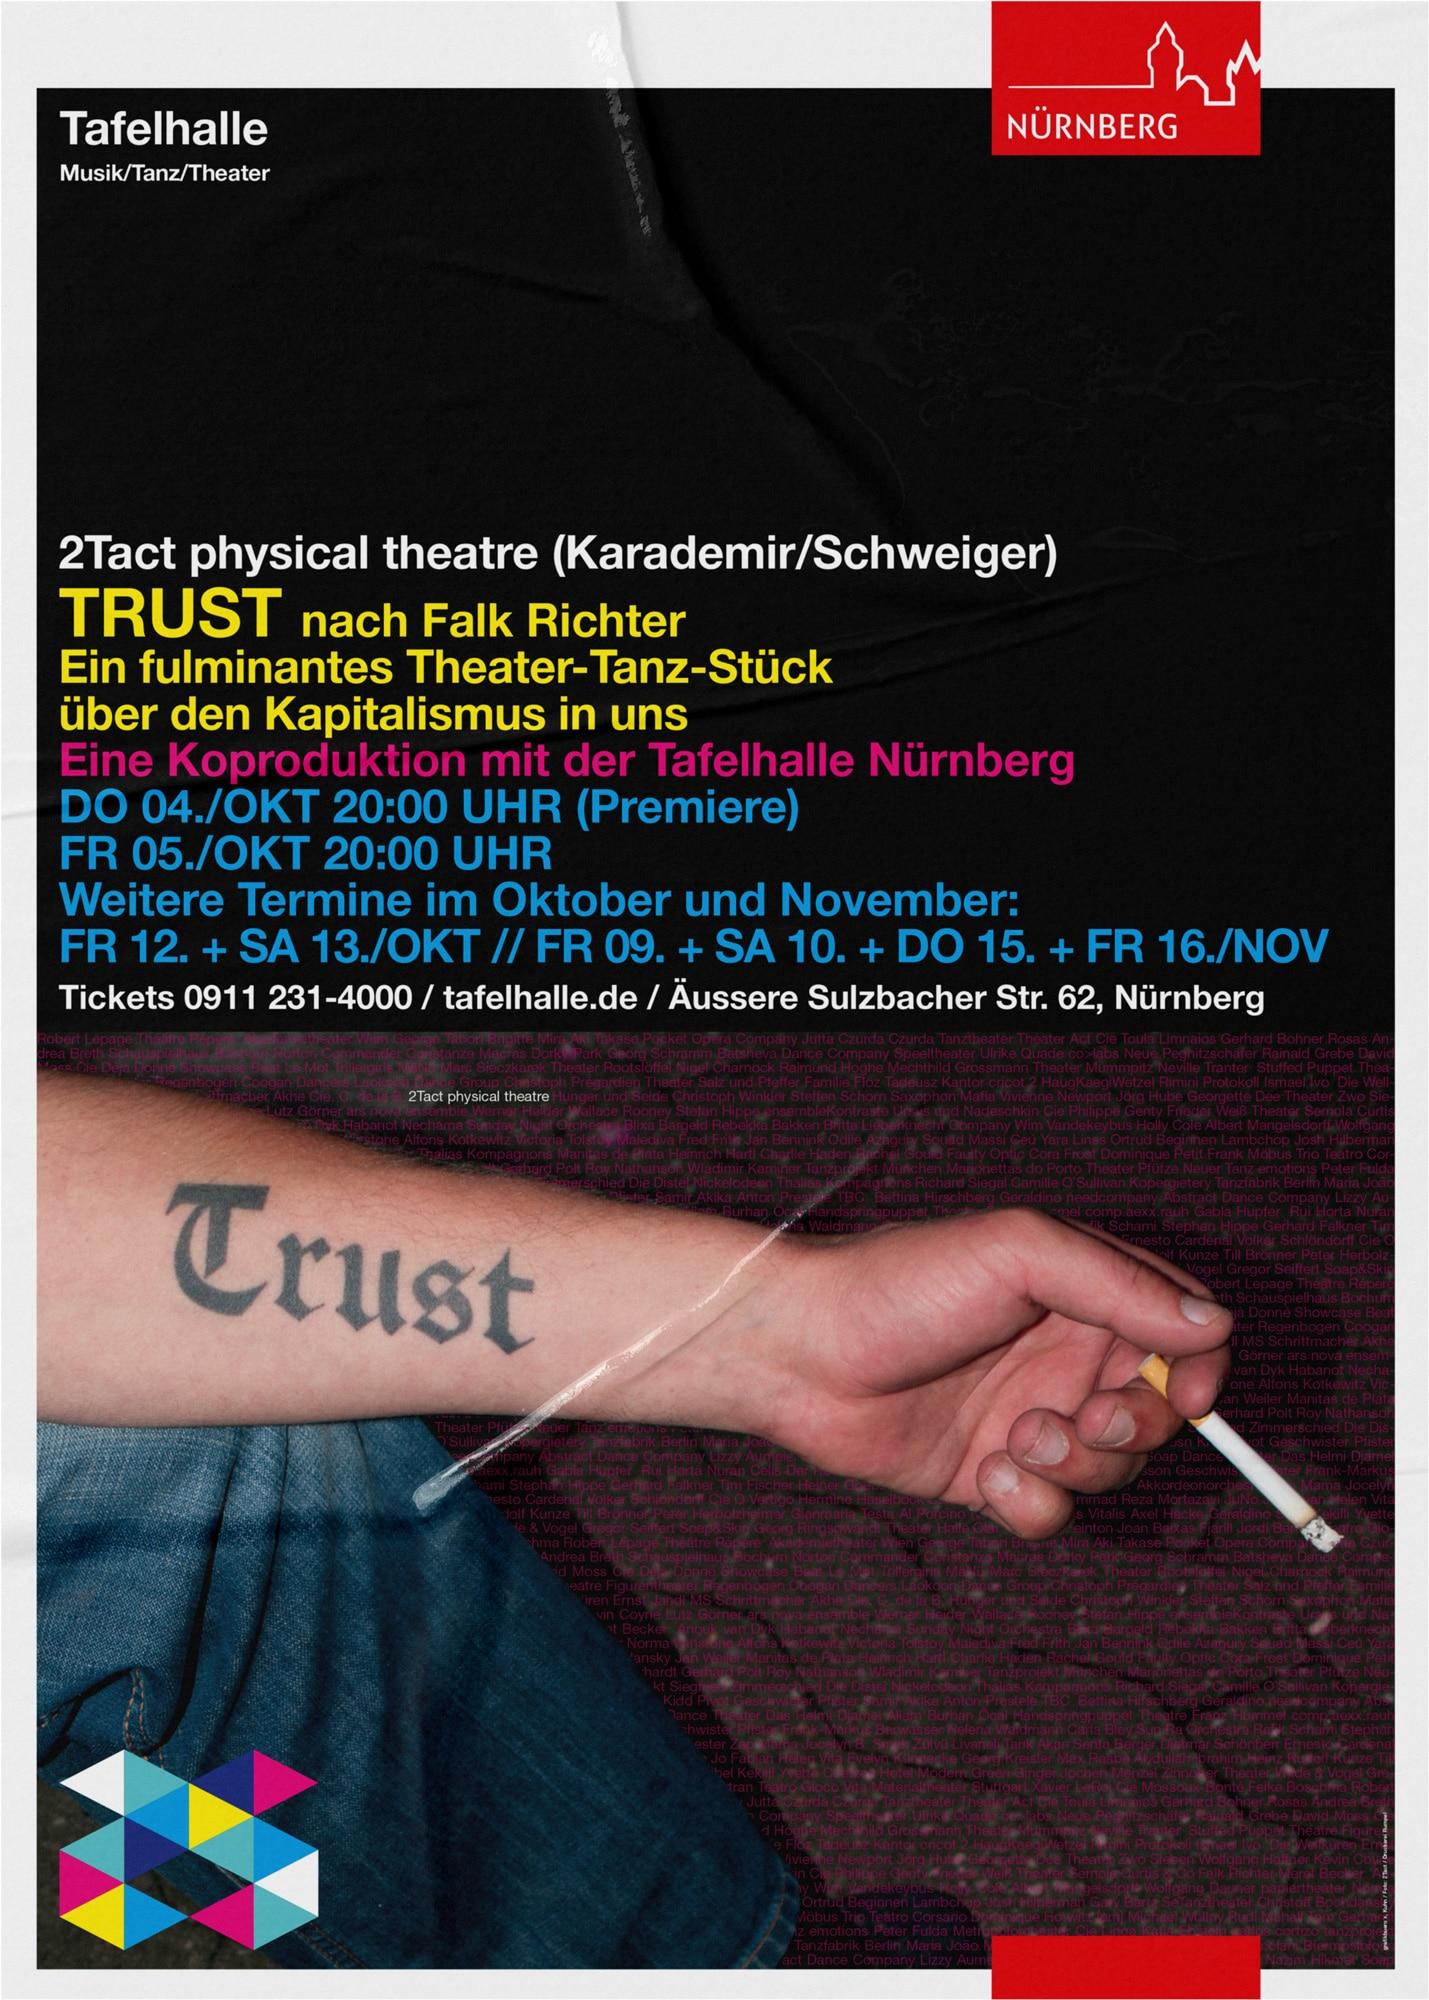 planx-CorporateDesign-Tafelhalle-12-13-Plakat-s02